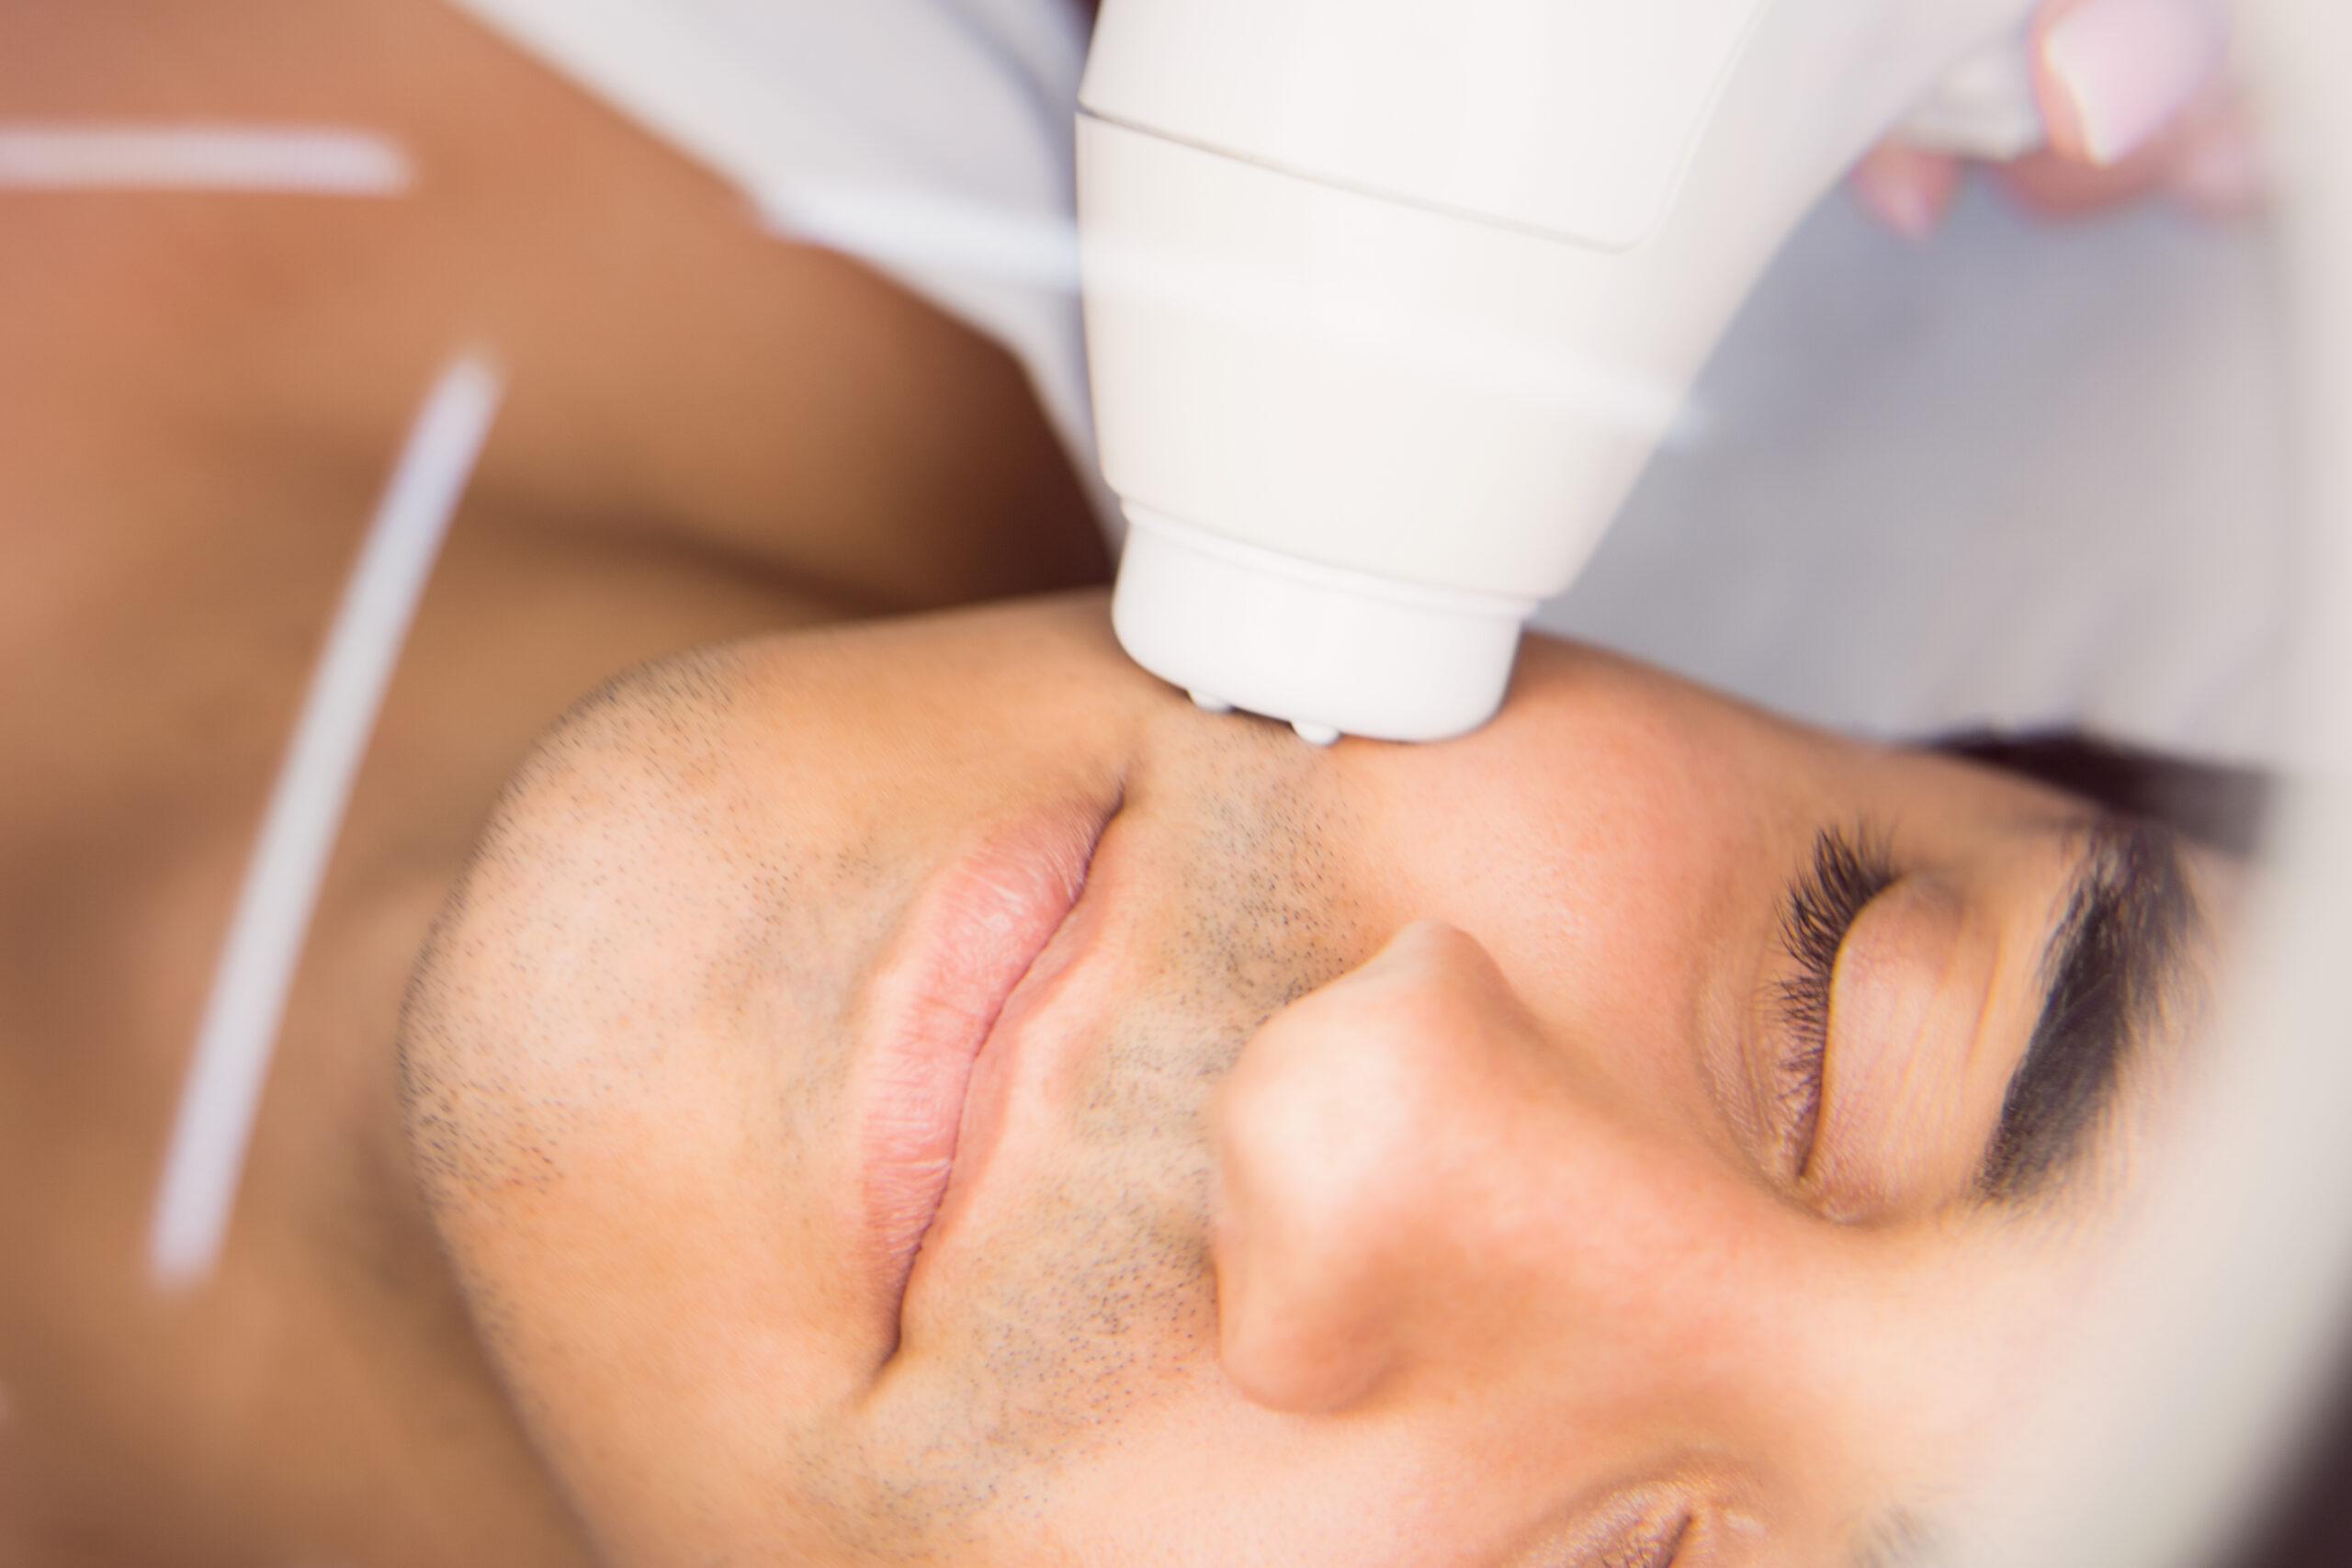 maquinas-de-presoterapia-en-casa-masaje-facial